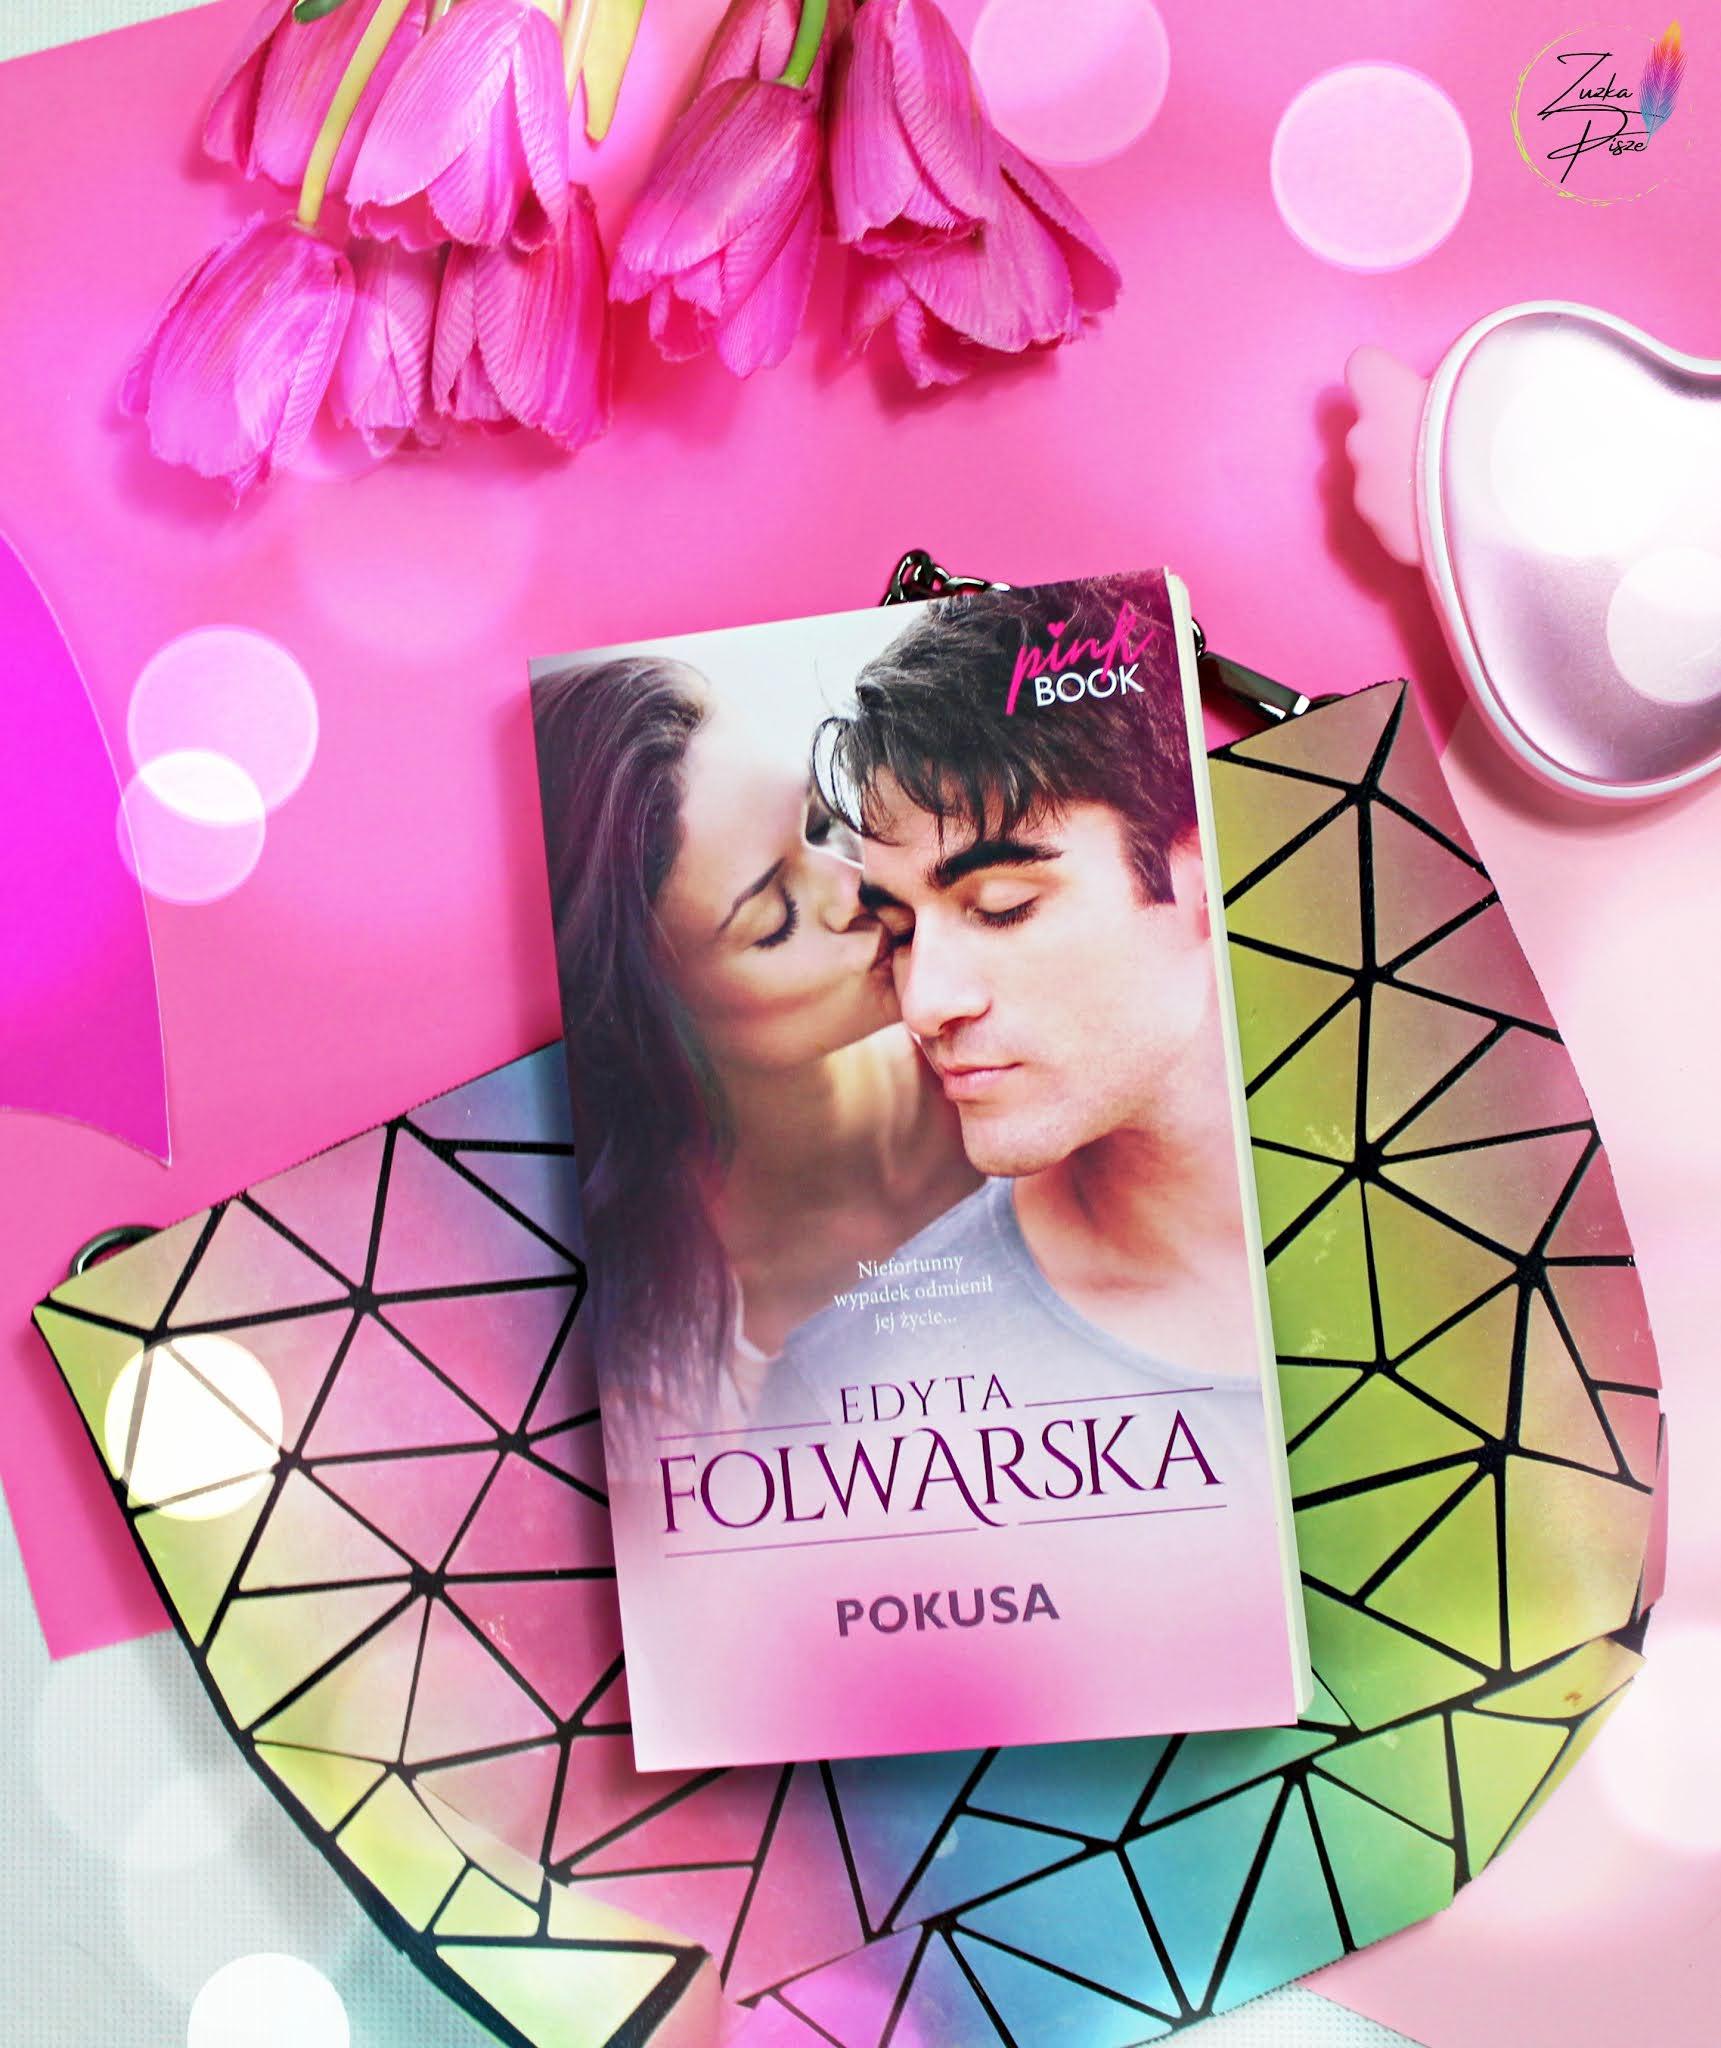 """Edyta Folwarska """"Pokusa"""" - PINK BOOK - recenzja książki"""